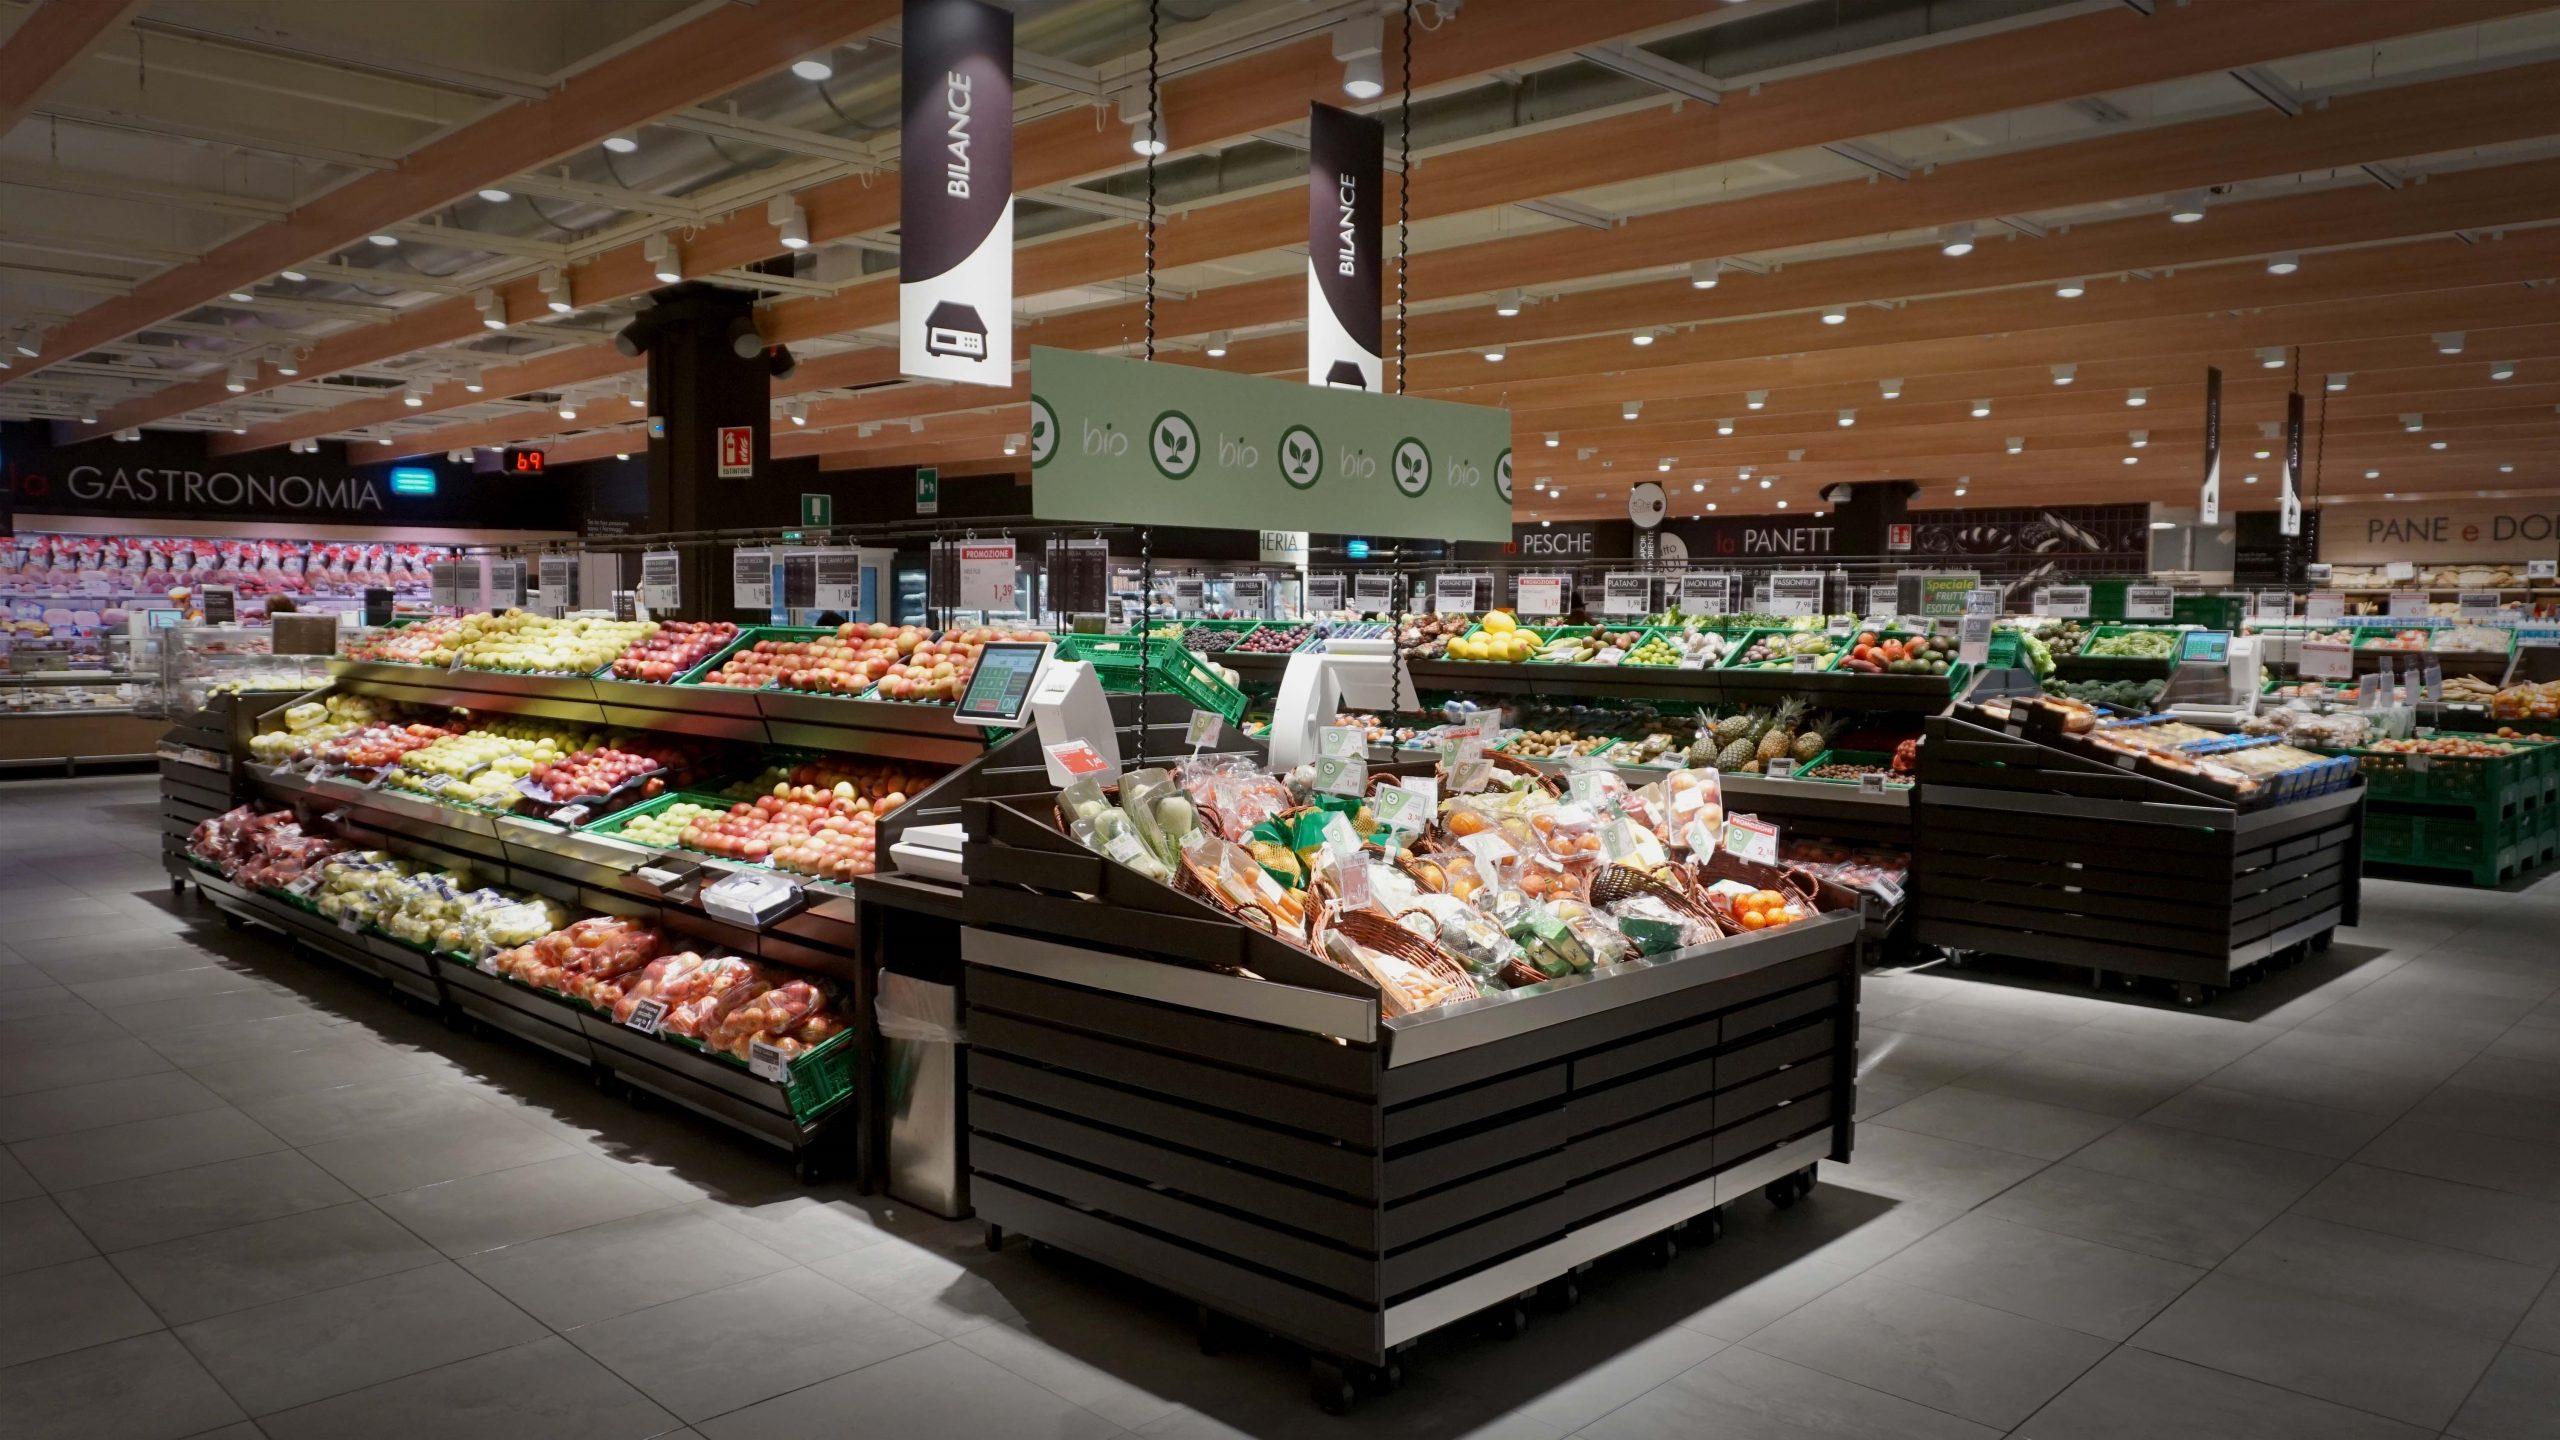 EU agrifood exports break records